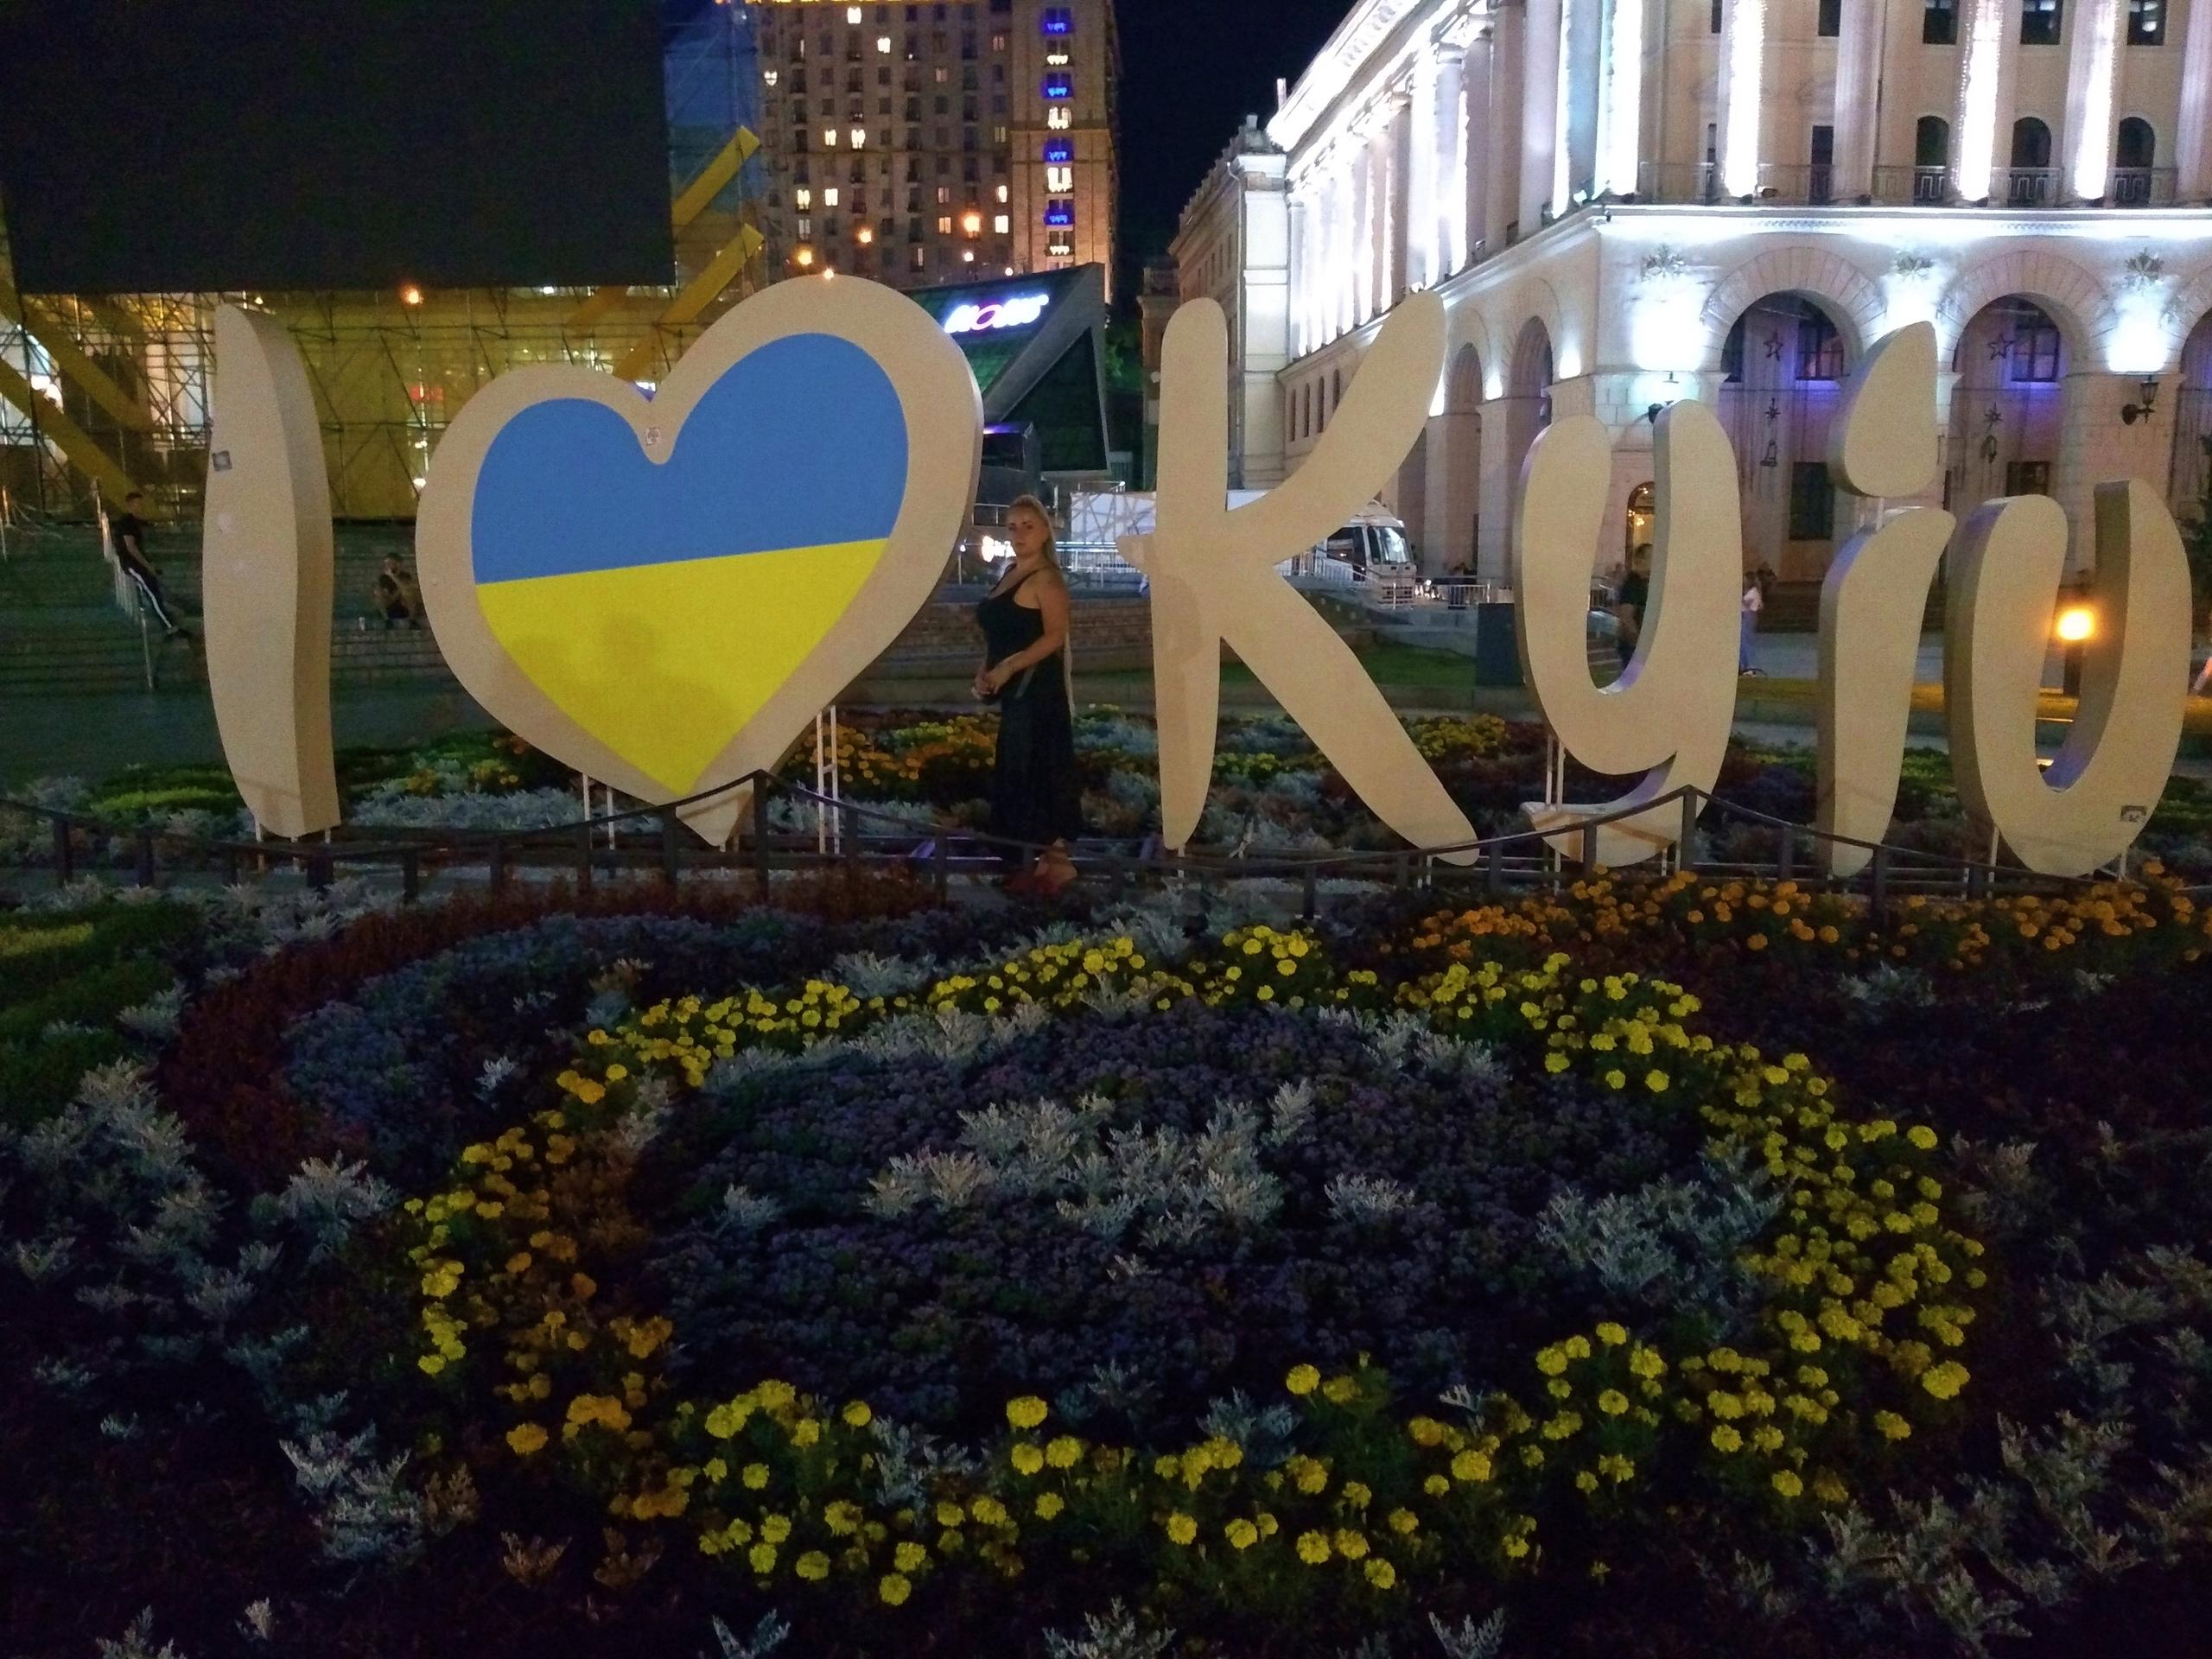 Елена Руденко (Валтея). Украина. Киев. Фото и описание.  - Страница 2 3Q7VByXIAZg